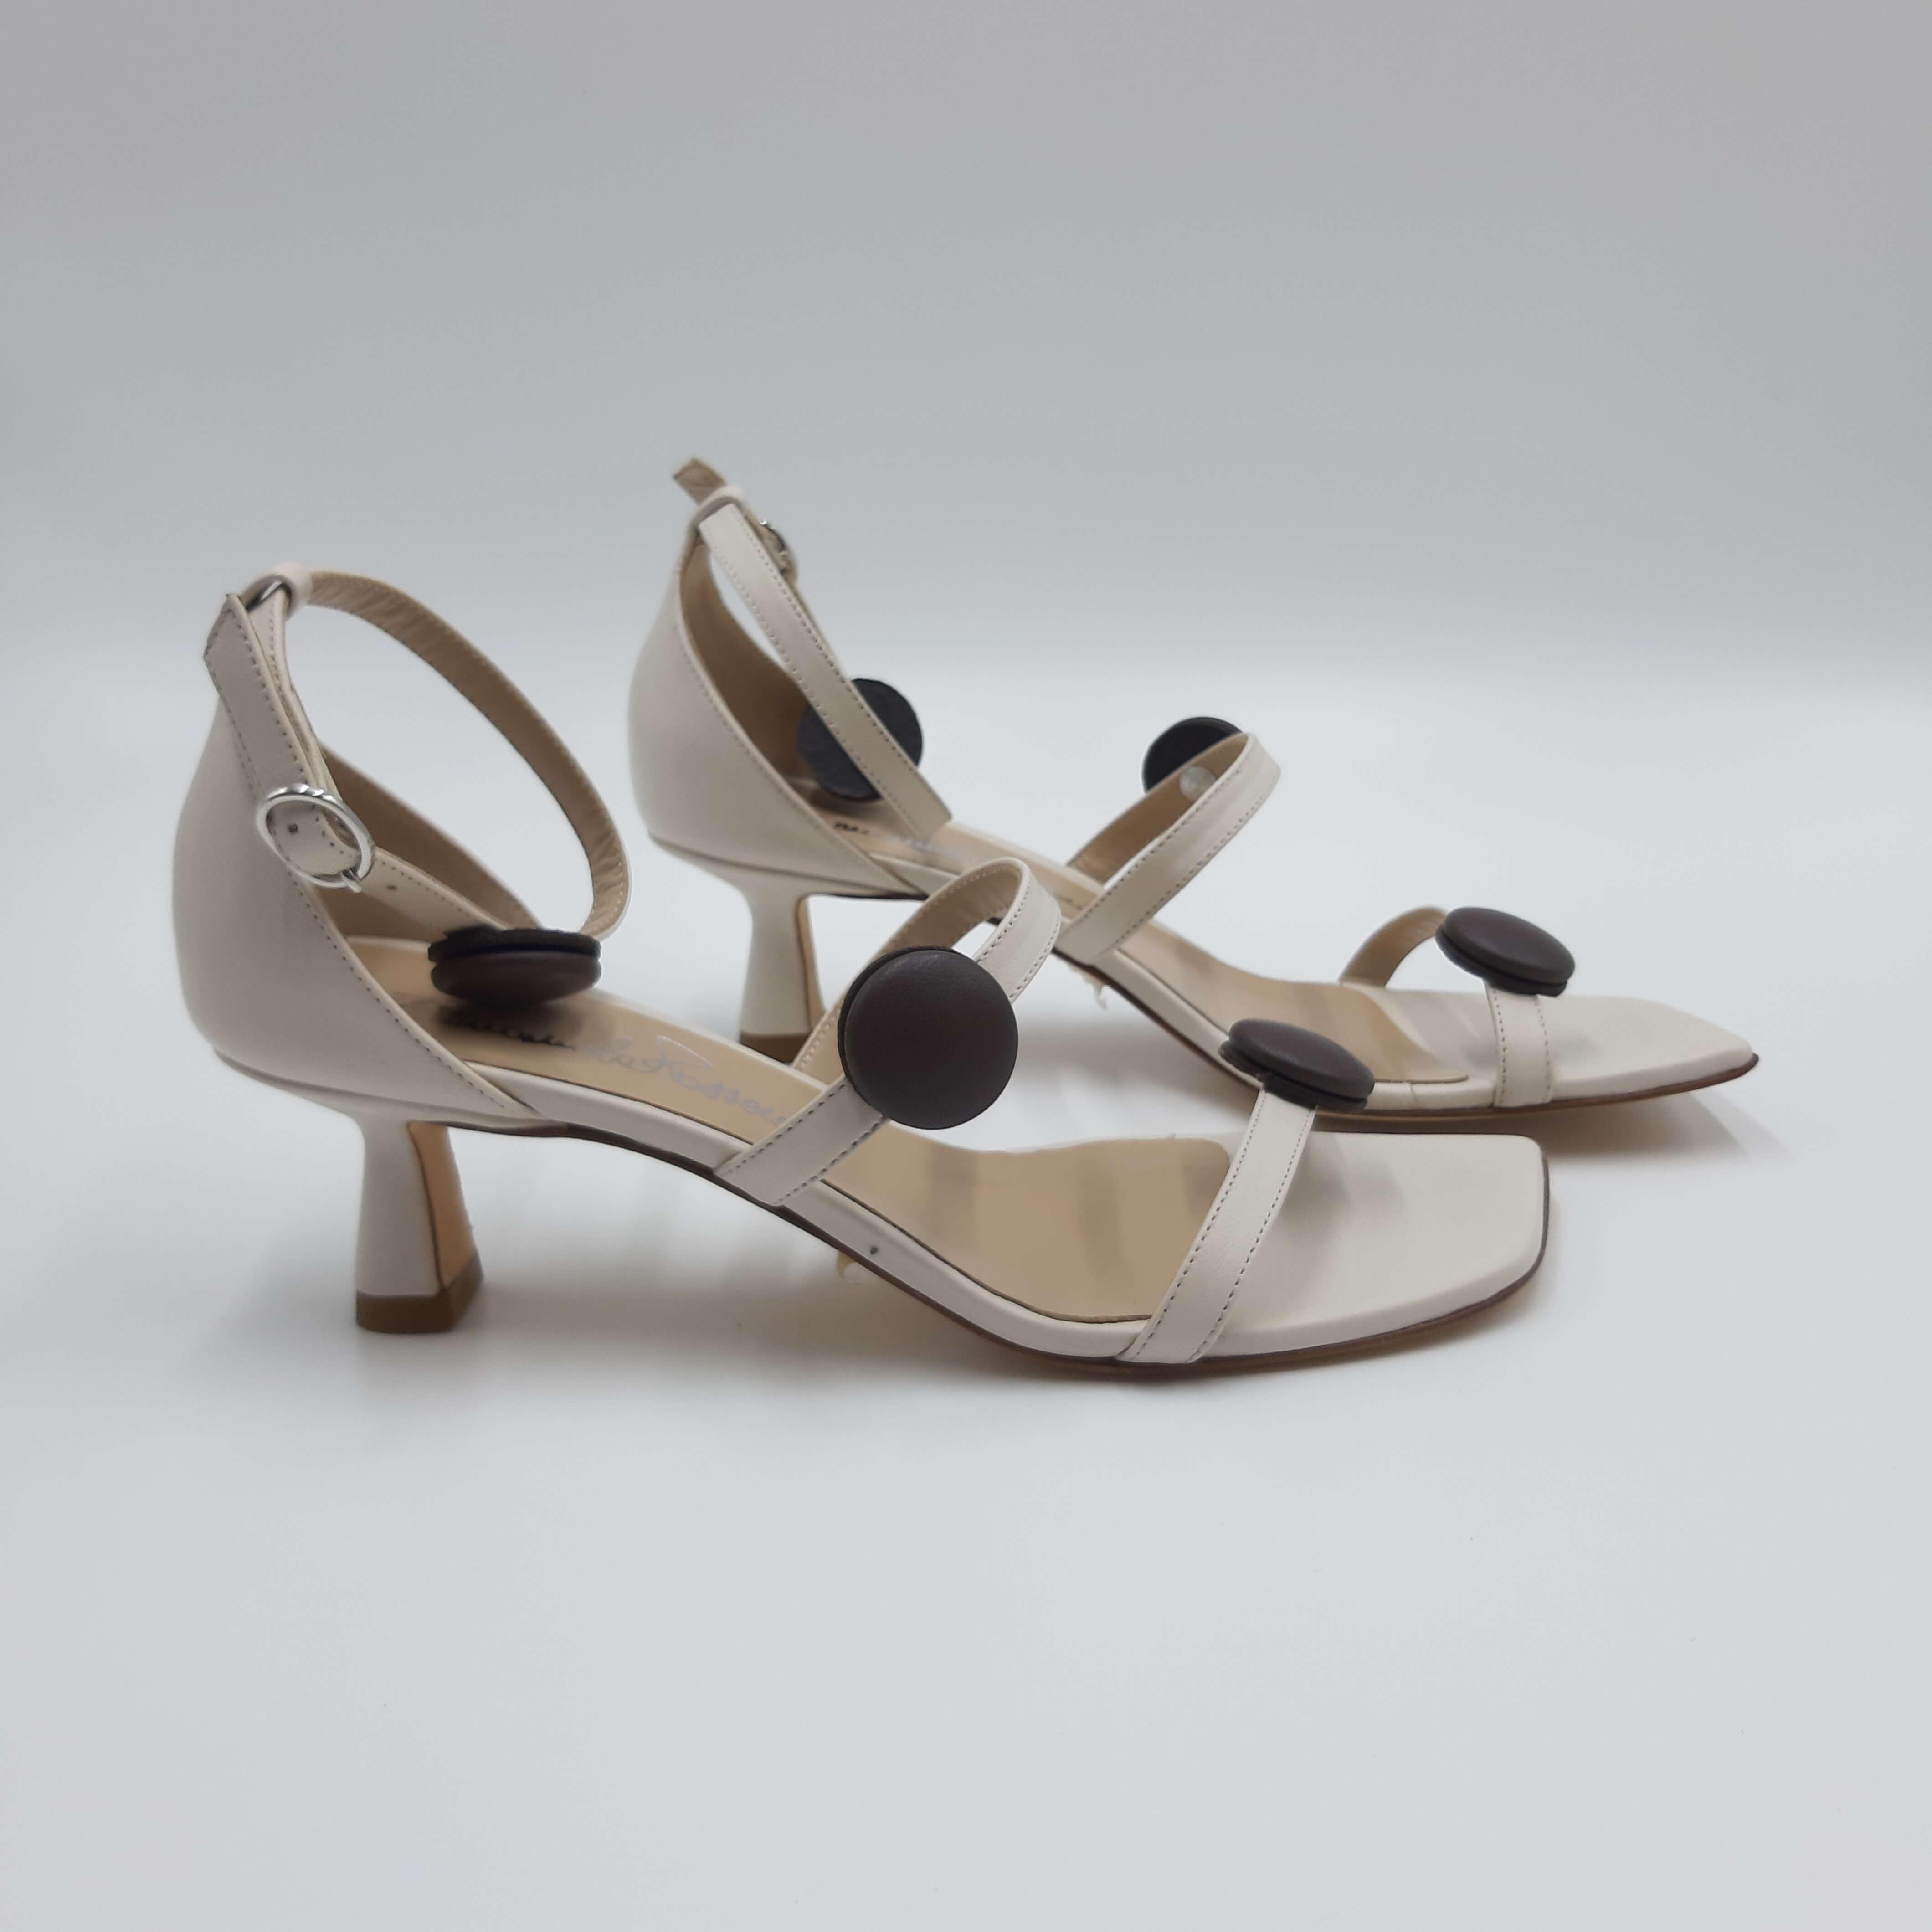 Sandalo beige con tacco a rocchetto Emanuela Passeri